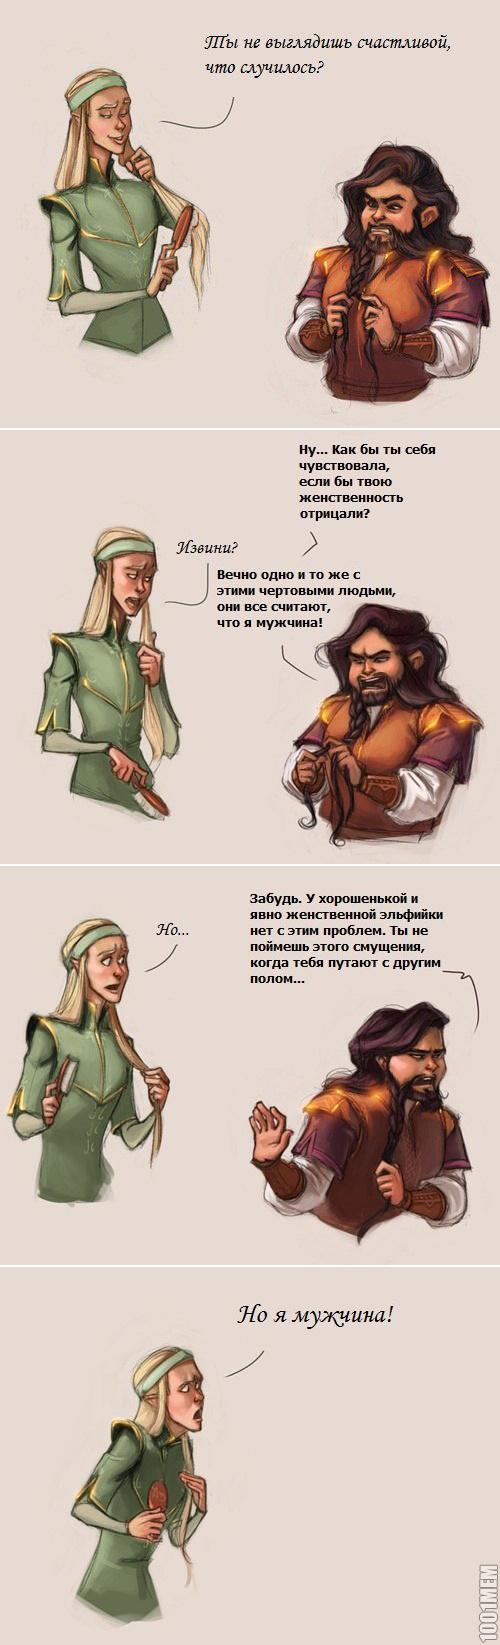 http://img.1001mem.ru/posts/3618000/3617396.jpg